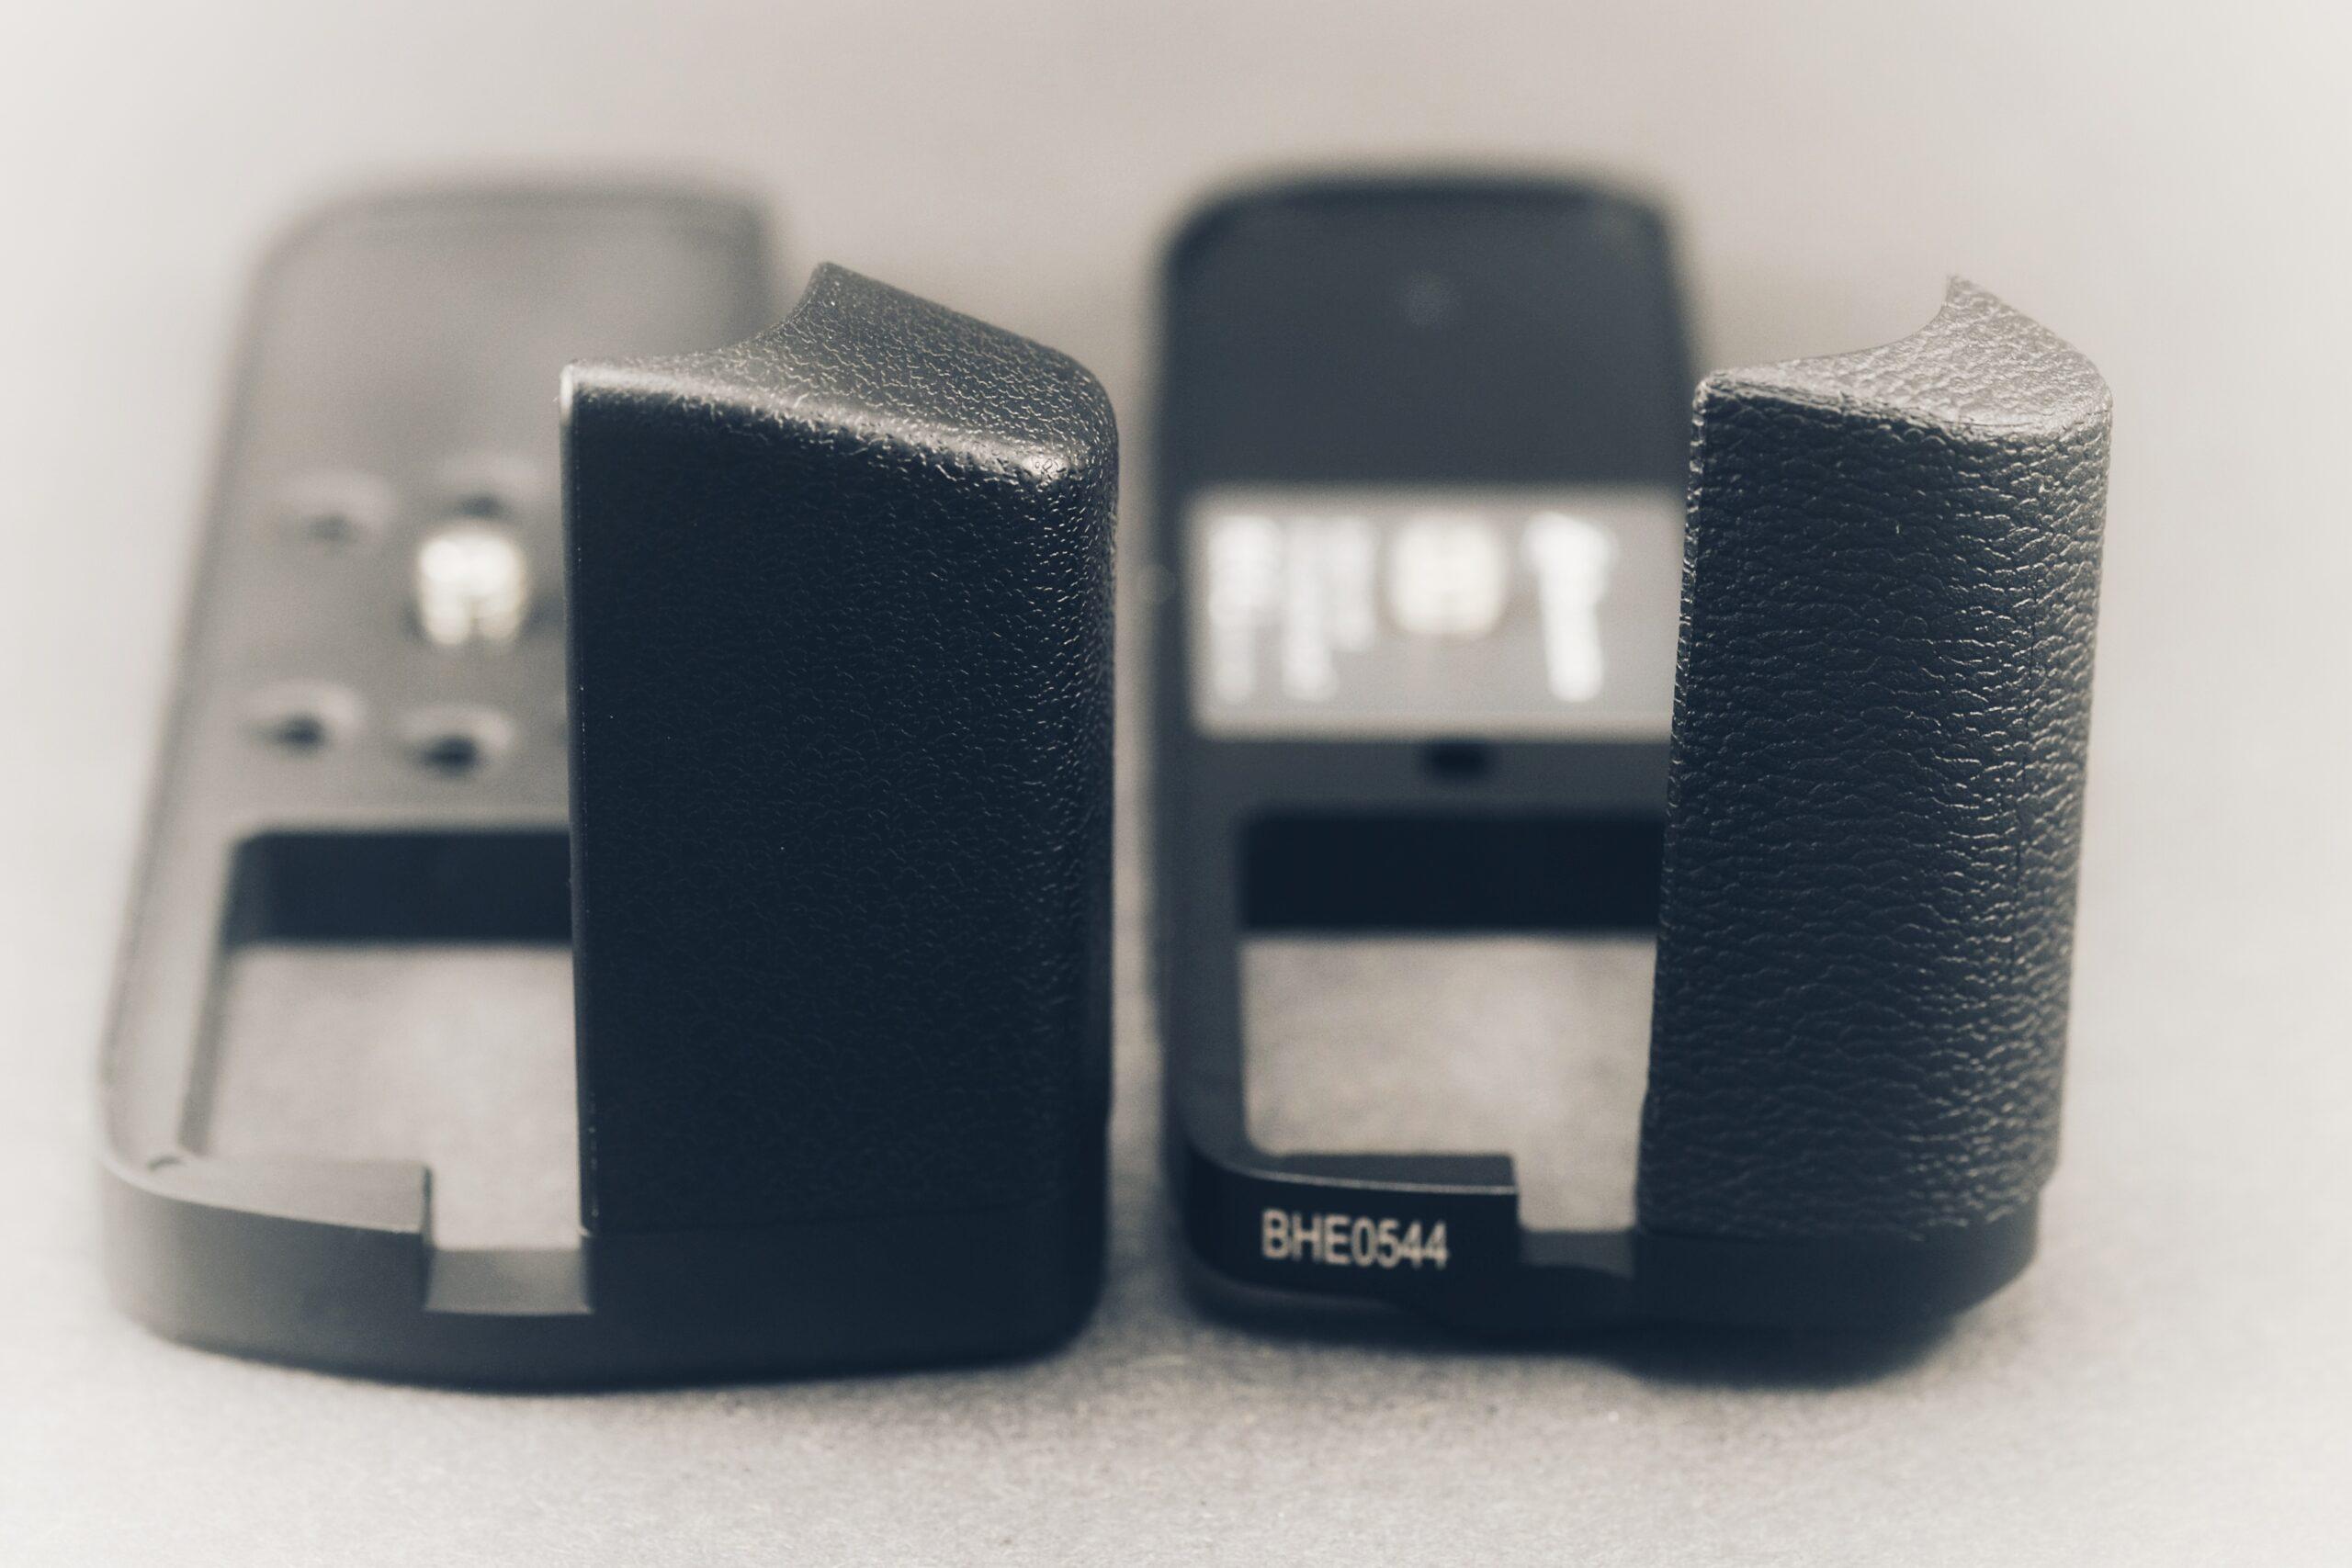 Fujifilm XPro2 Hand Grips